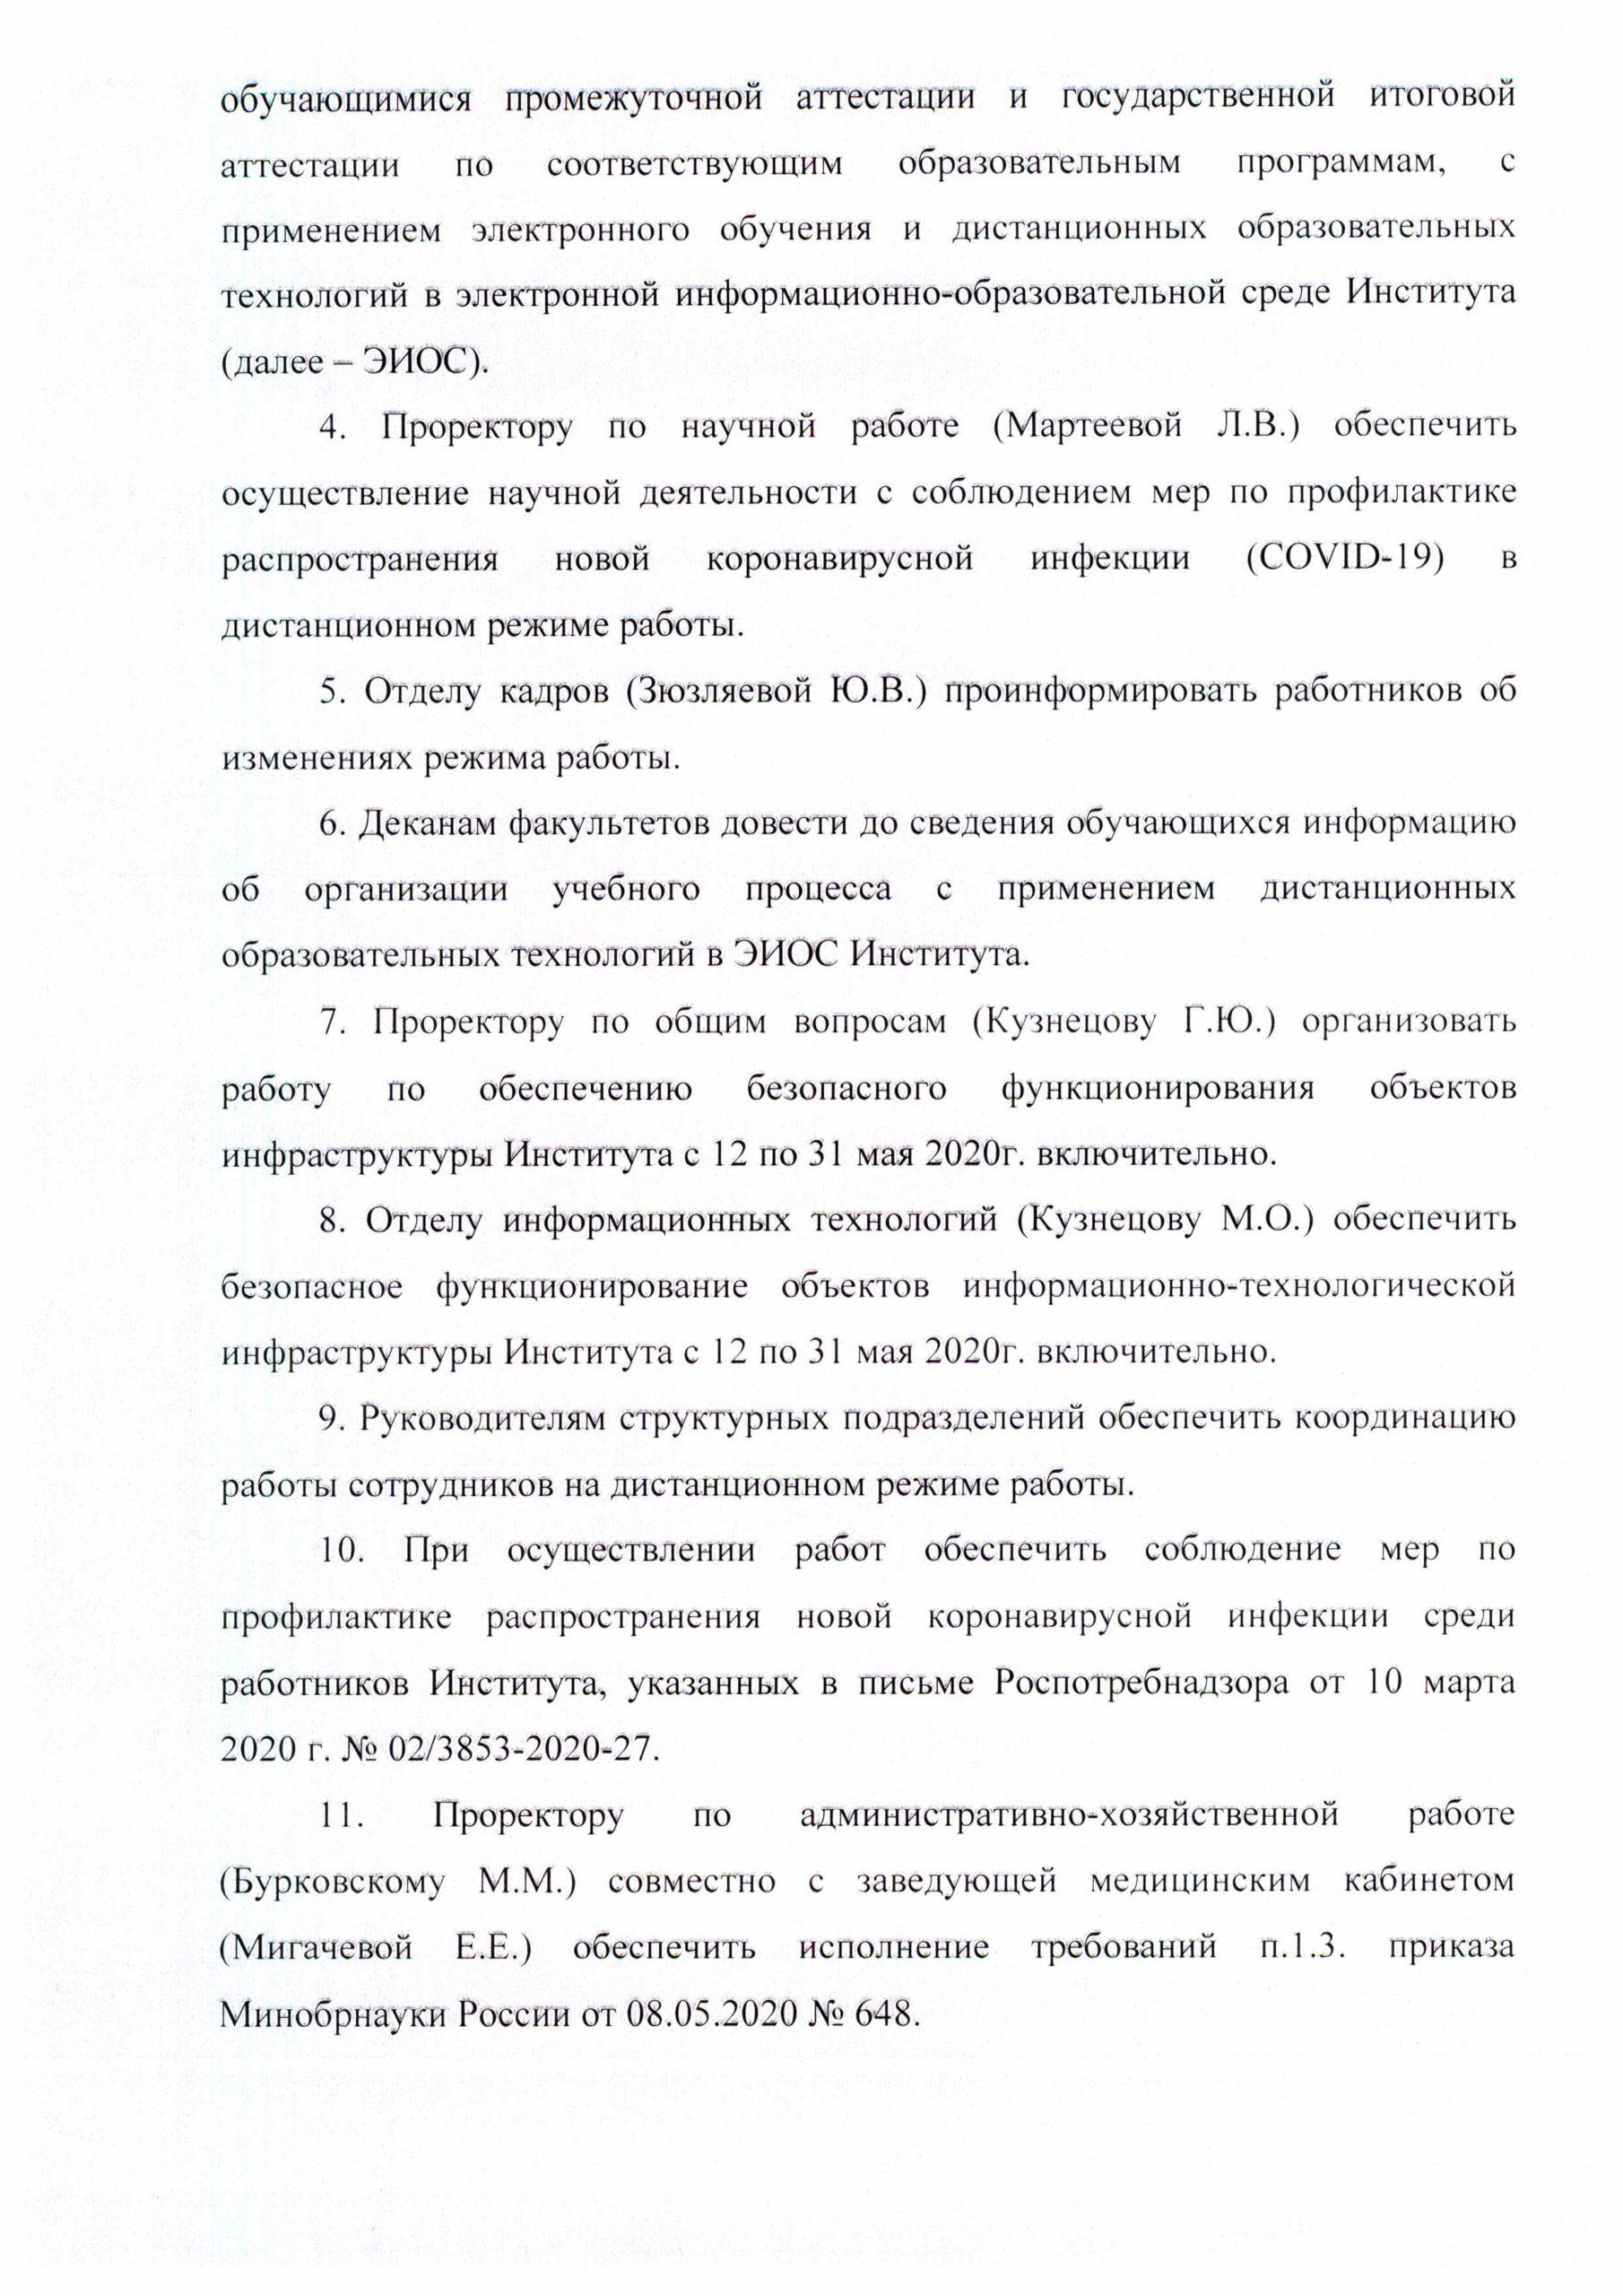 Приказ_Страница_2